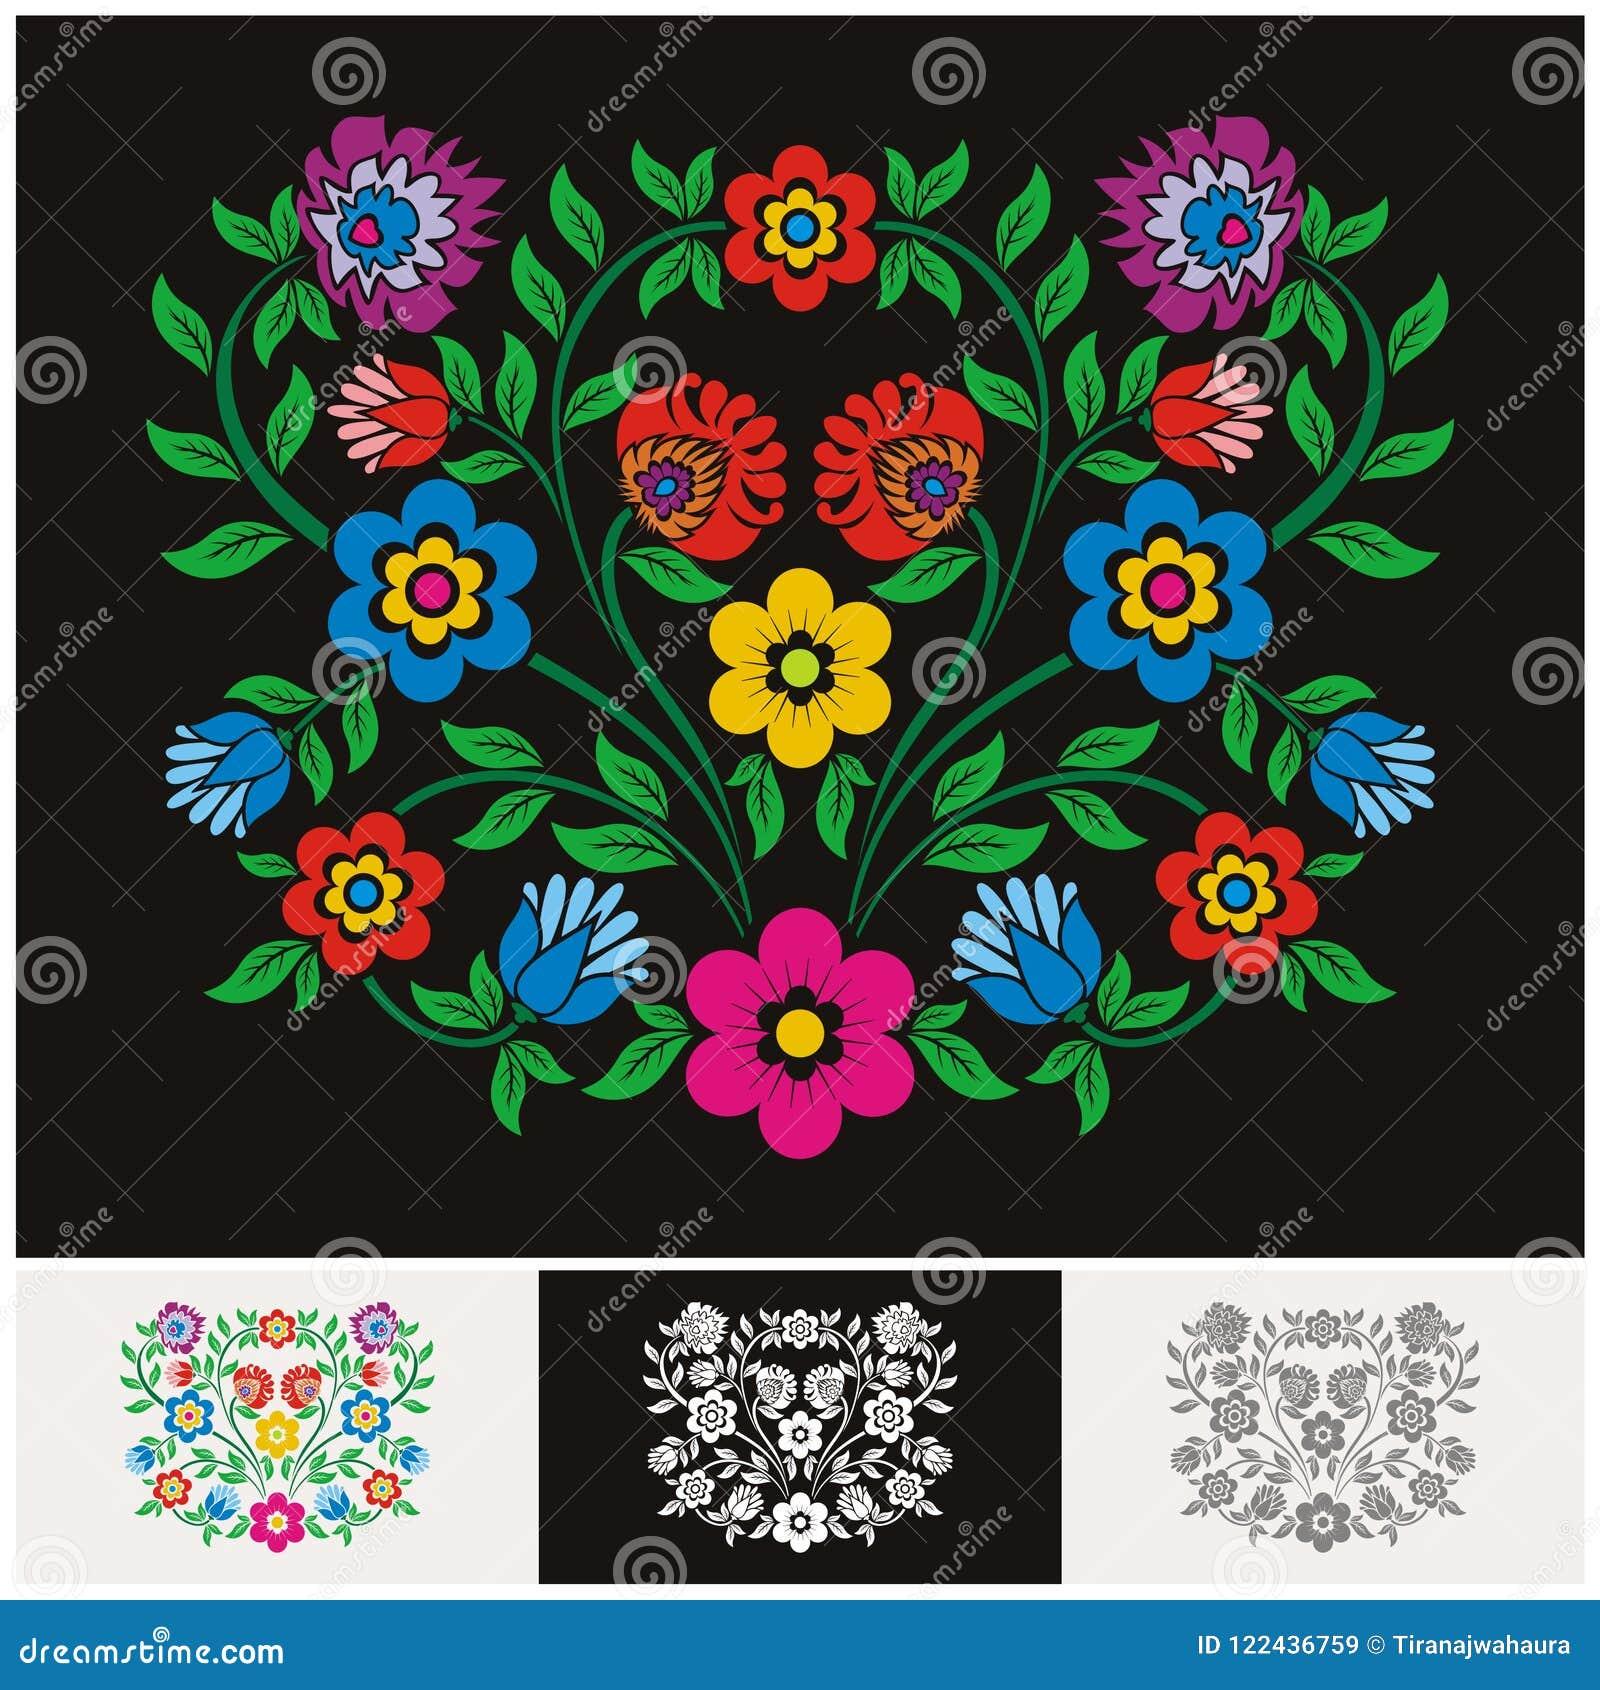 Vector floral étnico mexicano con diseño precioso y adorable